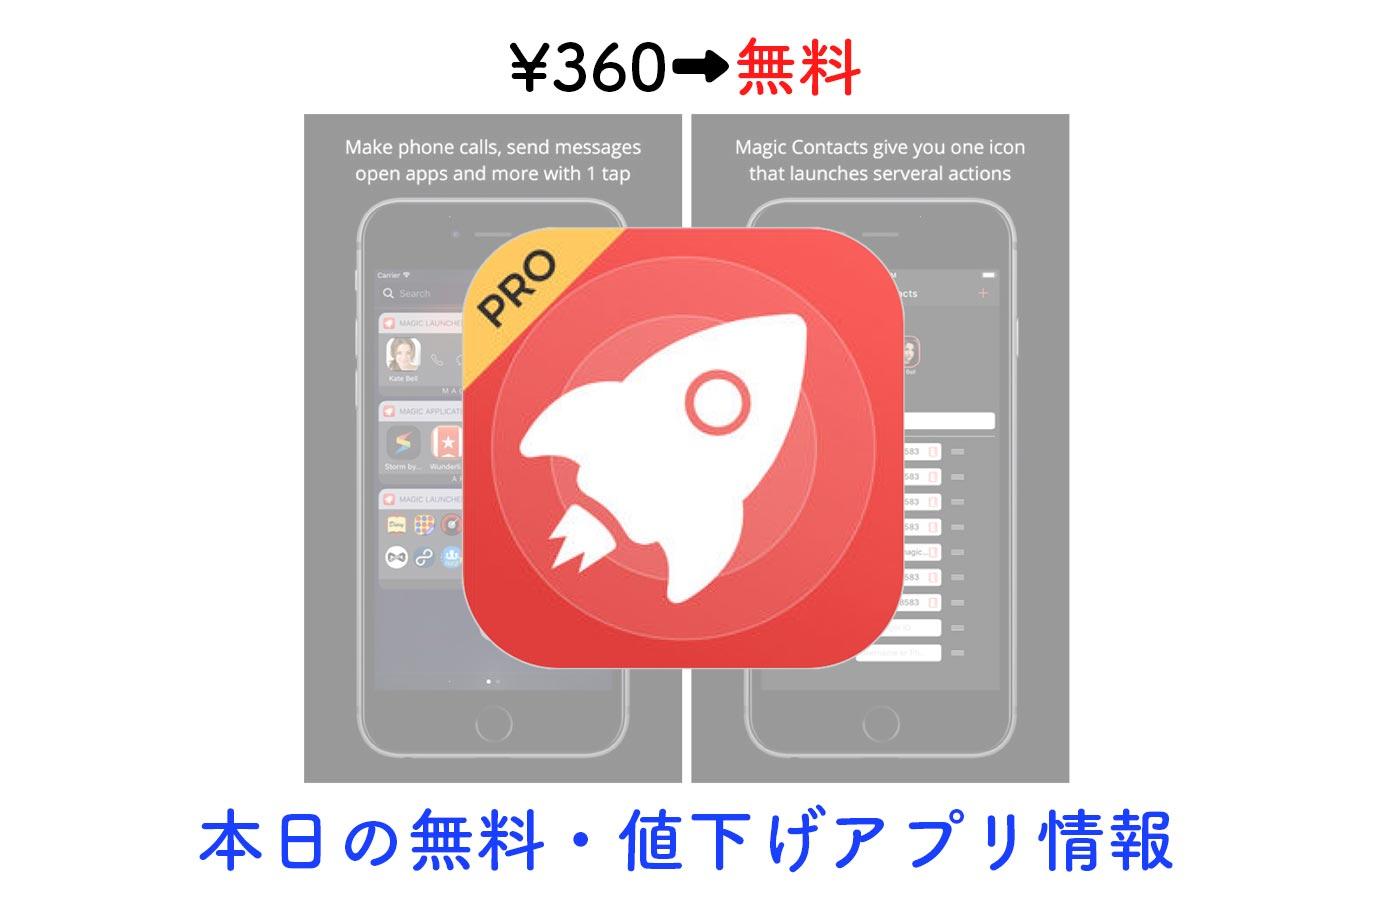 ¥360→無料、ウィジェットから呼び出せるランチャーアプリ「Magic Launcher Pro」など【11/24】本日の無料・値下げアプリ情報